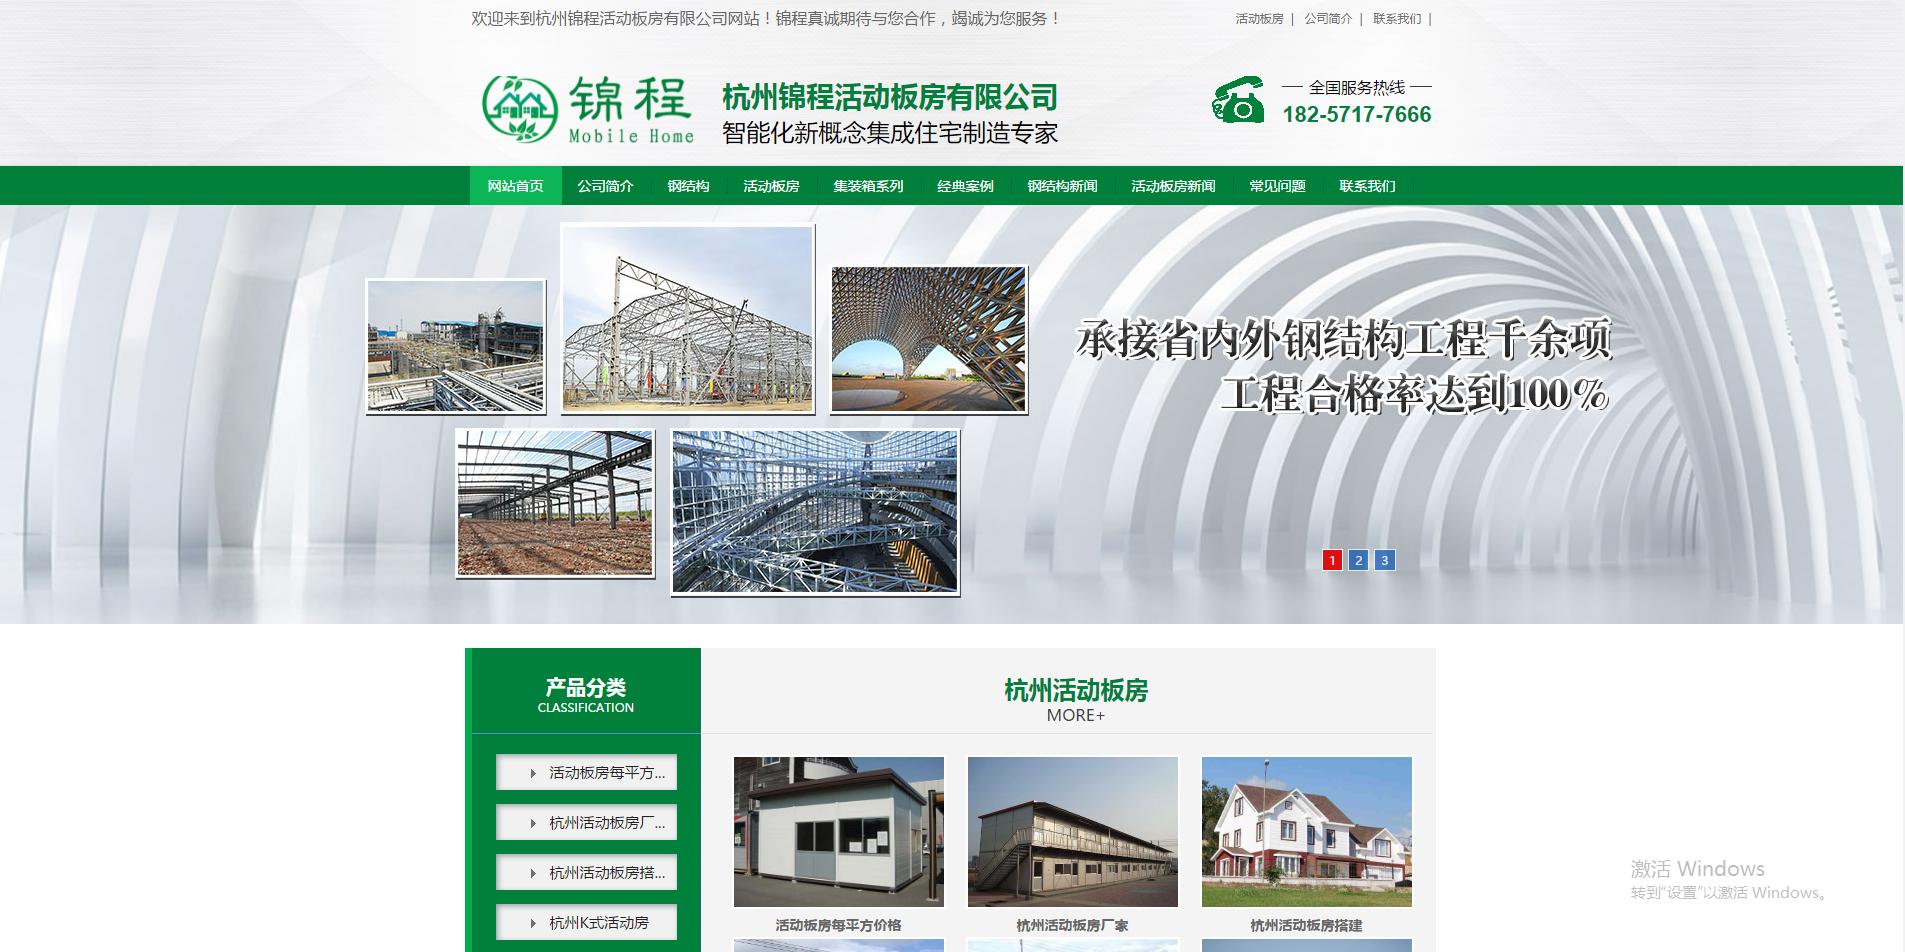 杭州活动板房-杭州锦程活动板房有限公司网站建设案例